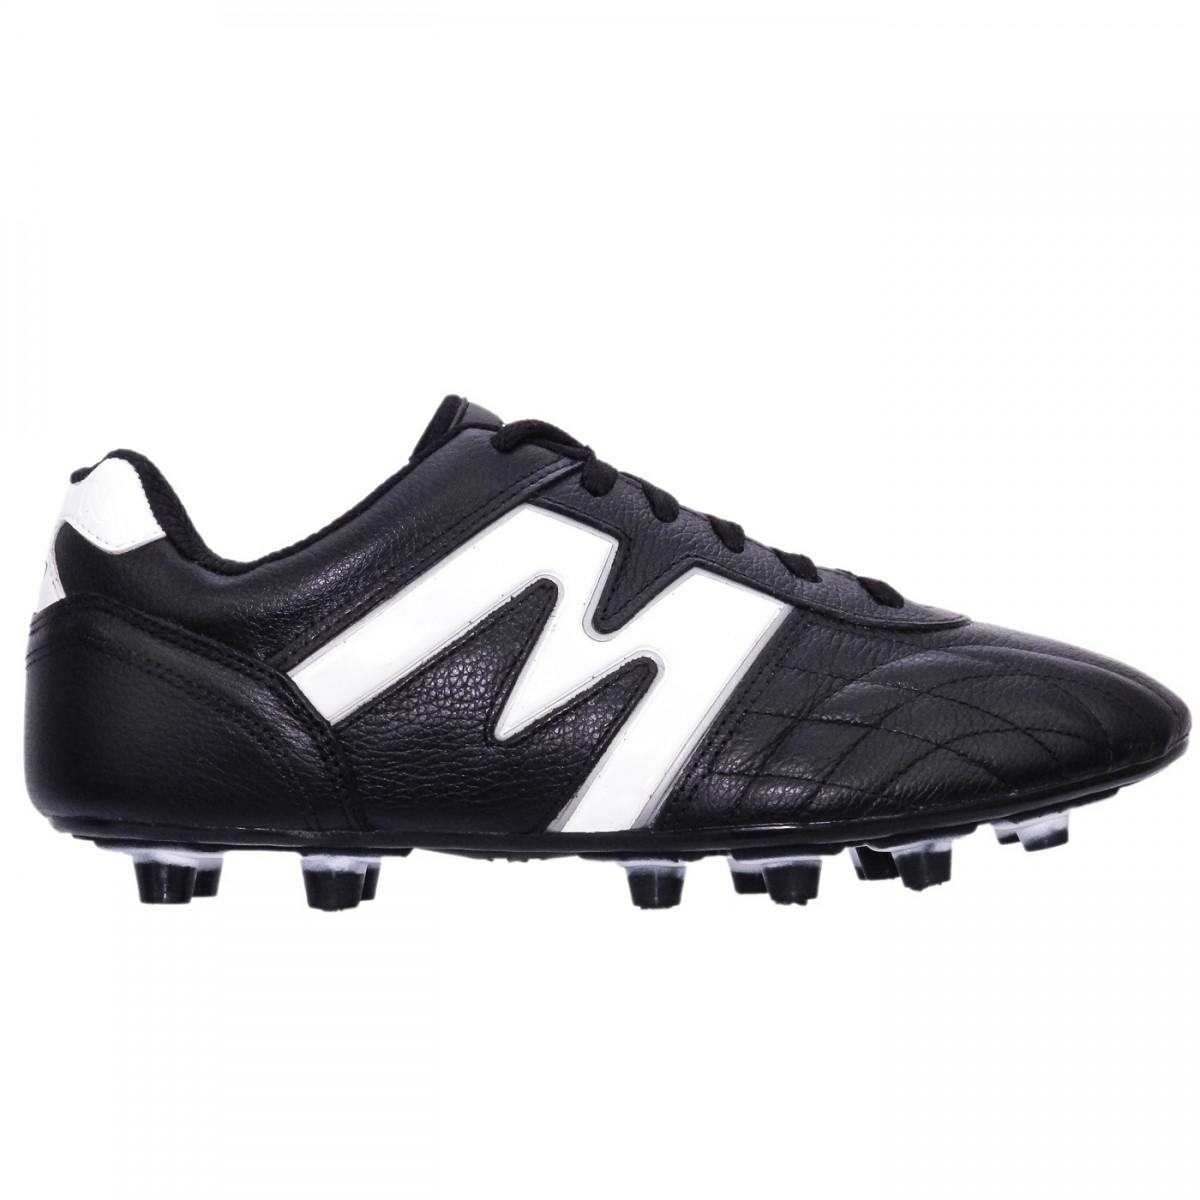 Bizz Store - Chuteira Futebol de Campo Mathaus Couro Legítimo 1f24dc40b94b7